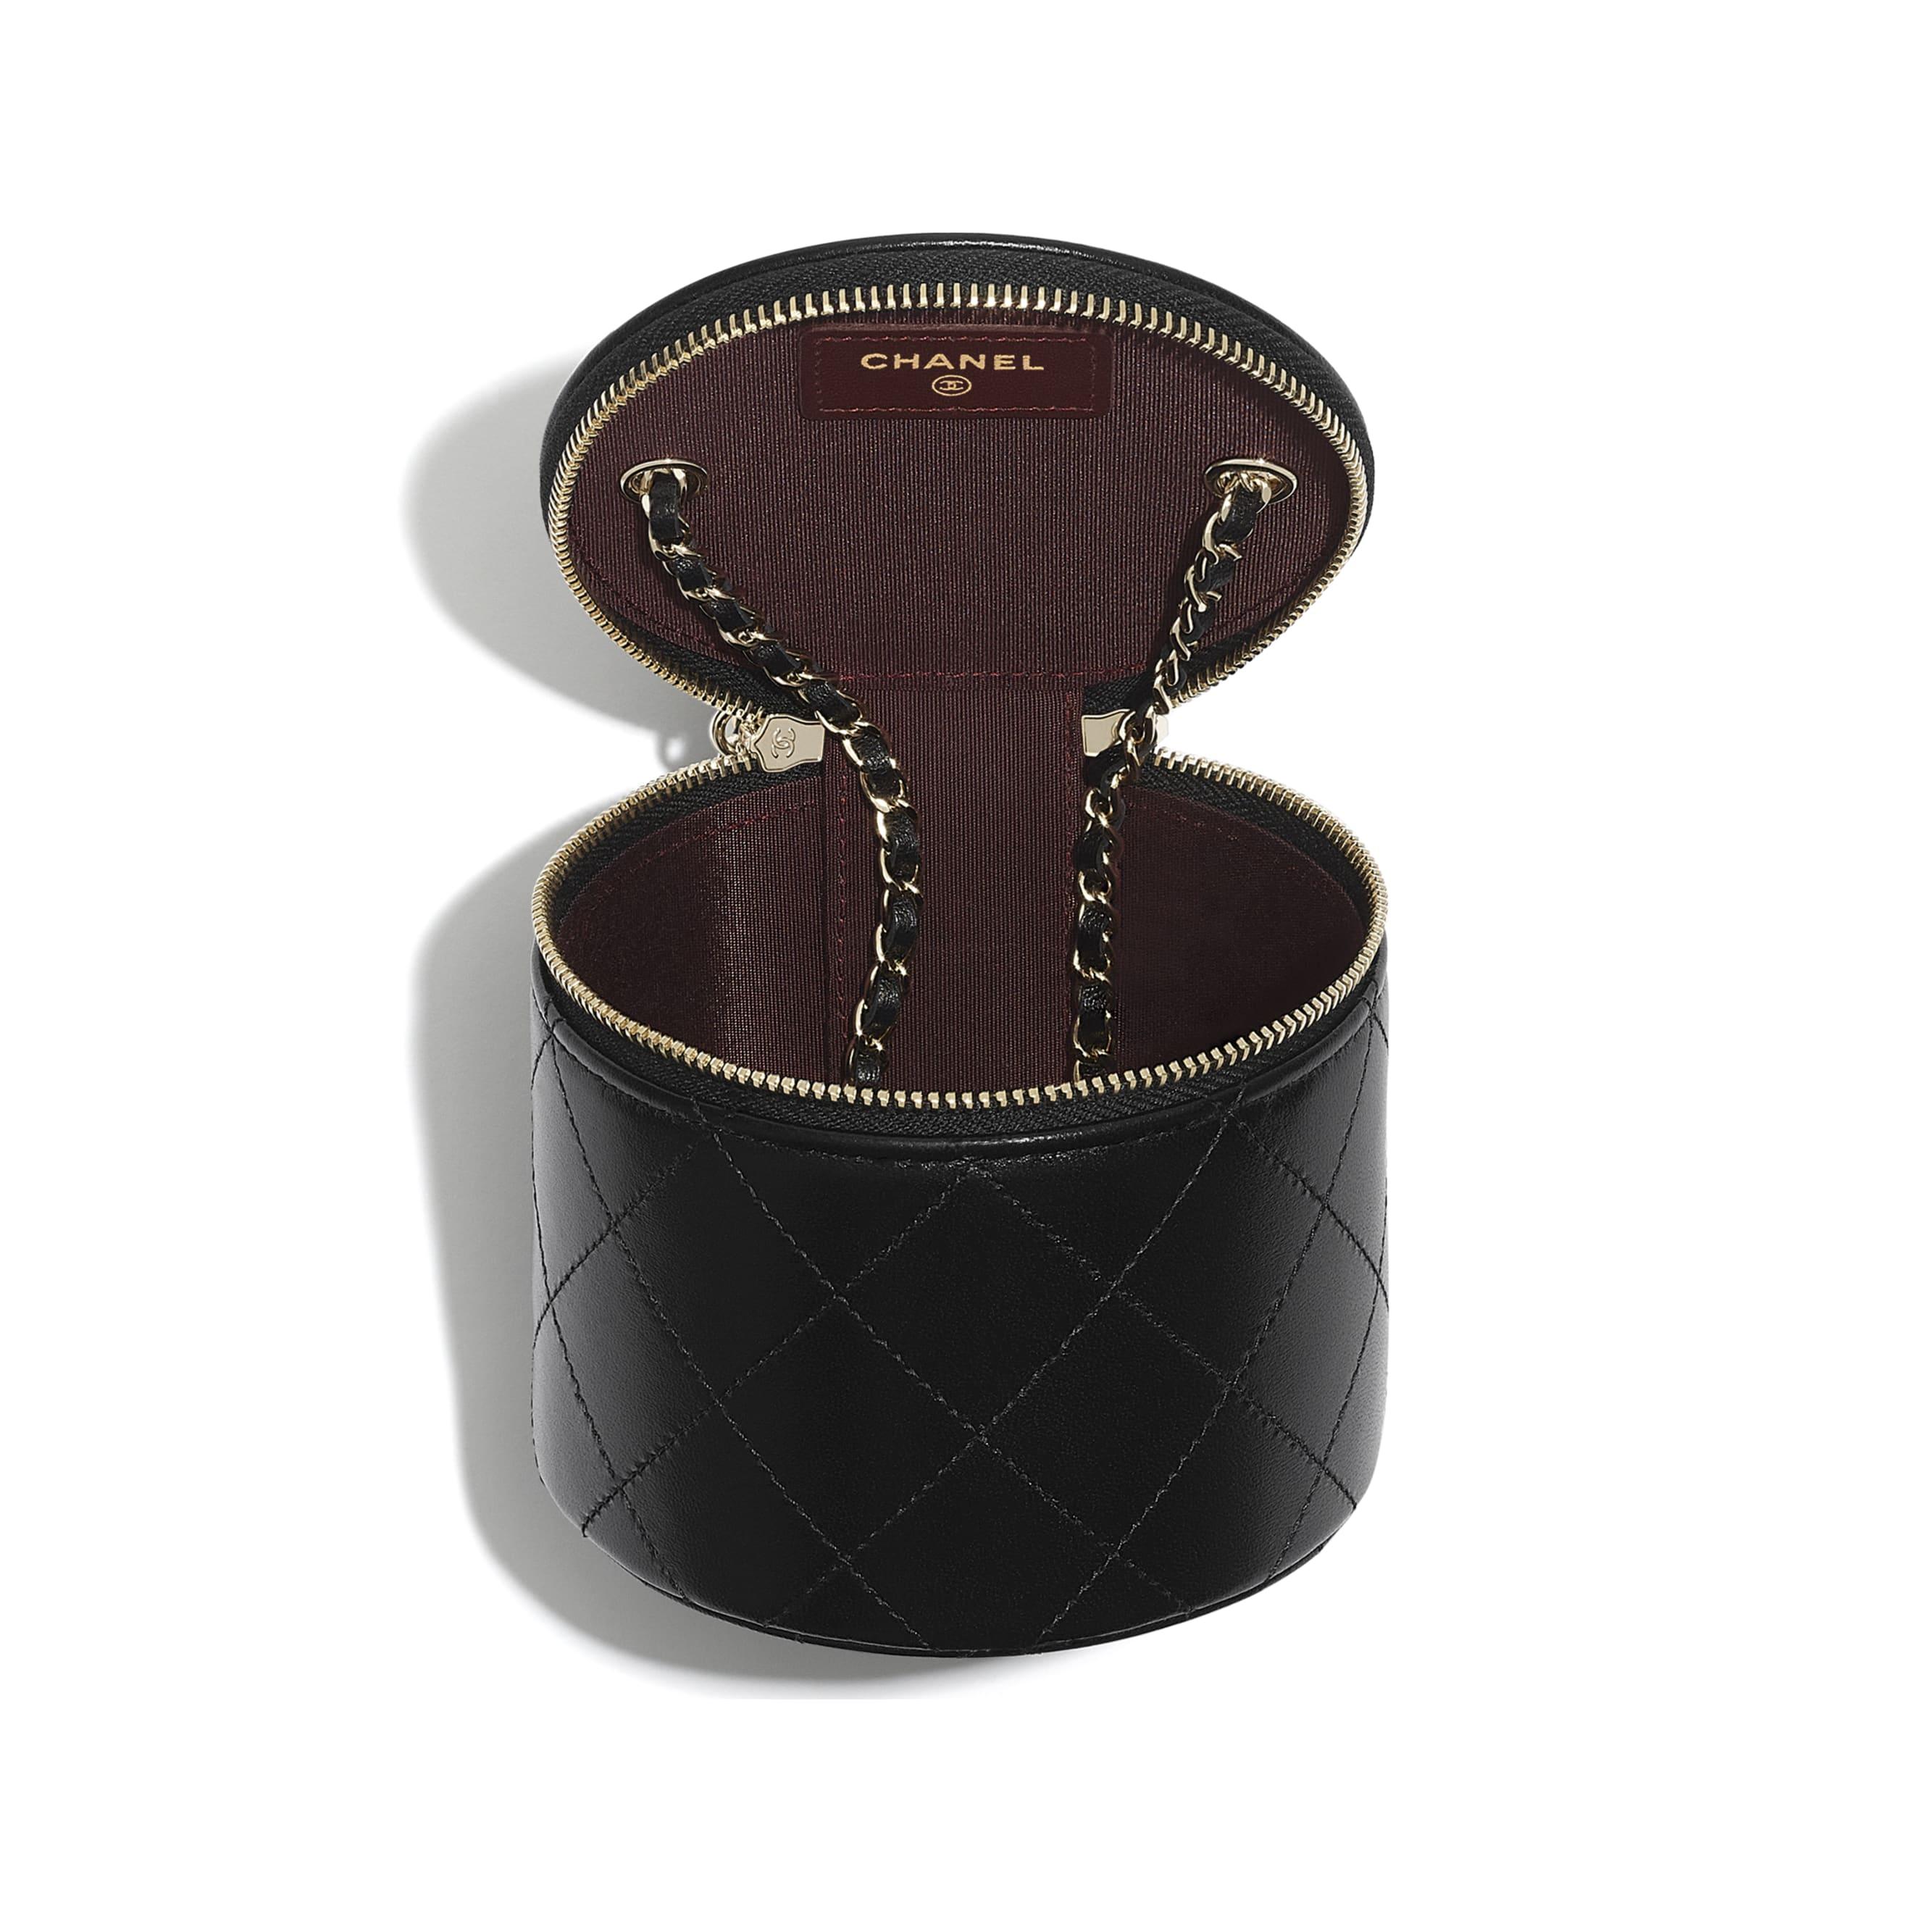 กระเป๋า Vanity ขนาดเล็ก พร้อมสายโซ่ - สีดำ - หนังแกะและโลหะสีทอง - CHANEL - มุมมองอื่น - ดูเวอร์ชันขนาดมาตรฐาน